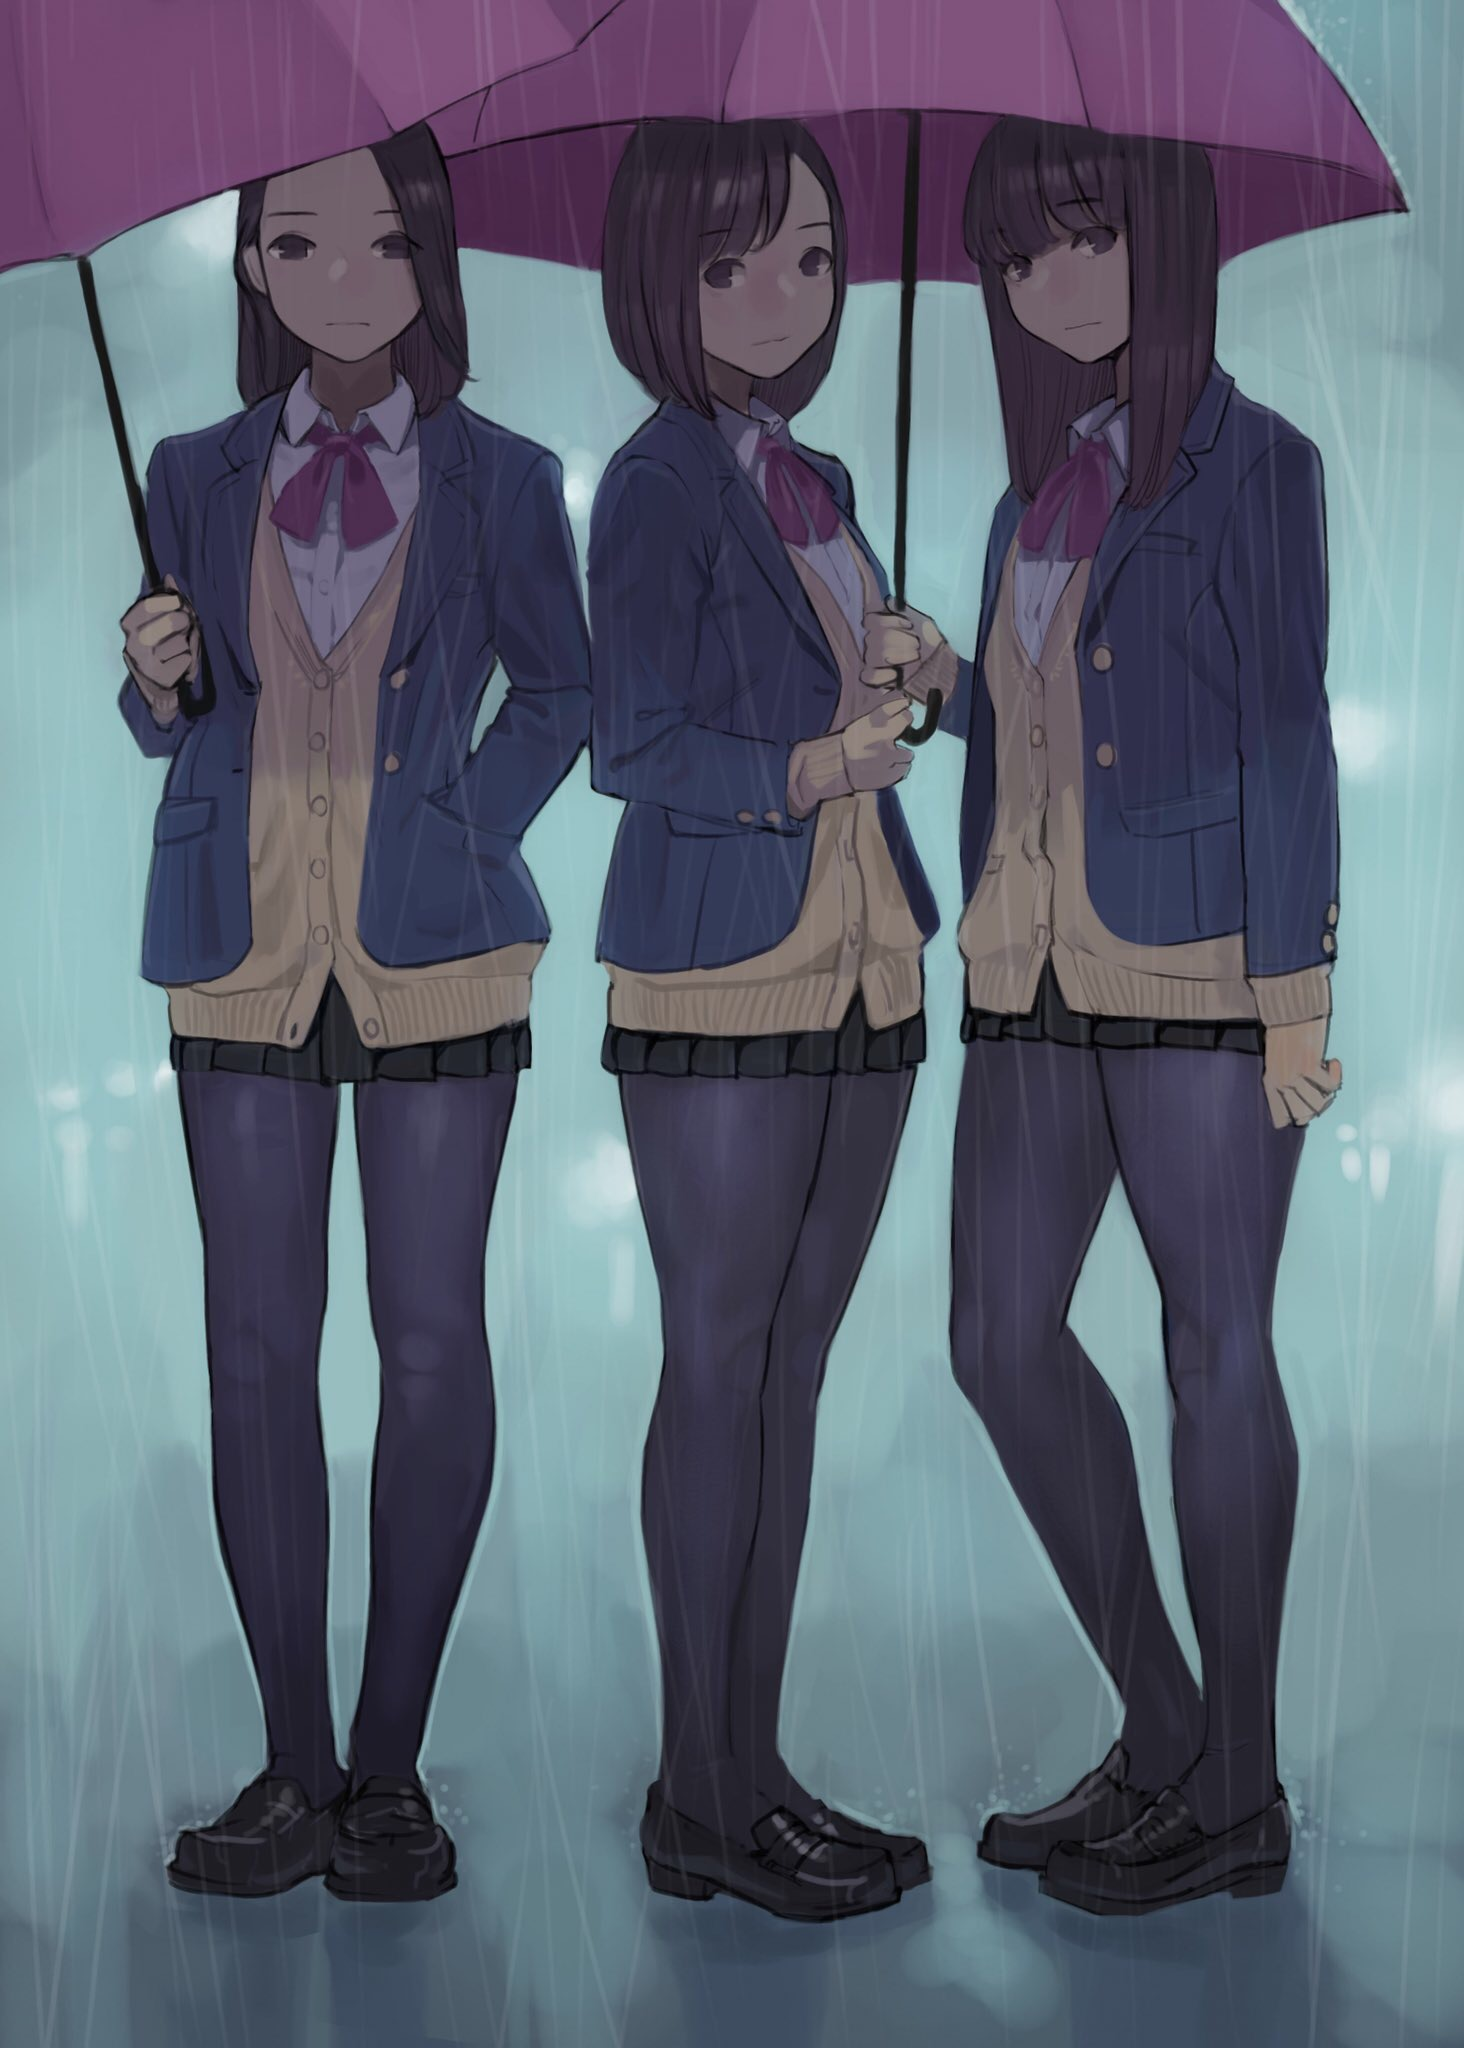 id=67353119,动漫唯美壁纸,动漫女生图片,动漫下雨图片